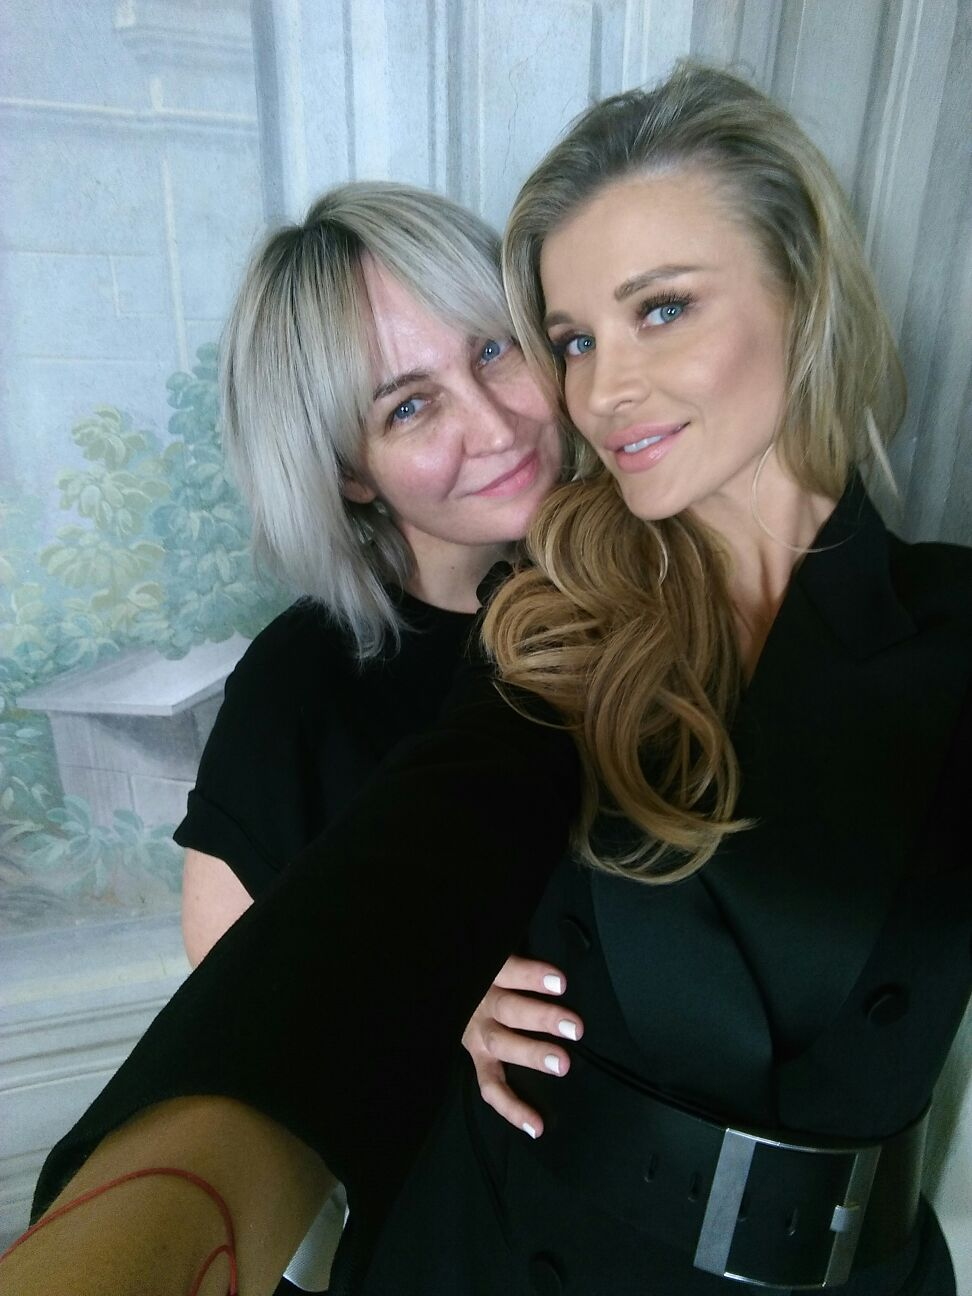 Joanna Krupa i Anna Puślecka, redaktor naczelna DYKF.pl i odpowiedzialna za projekt